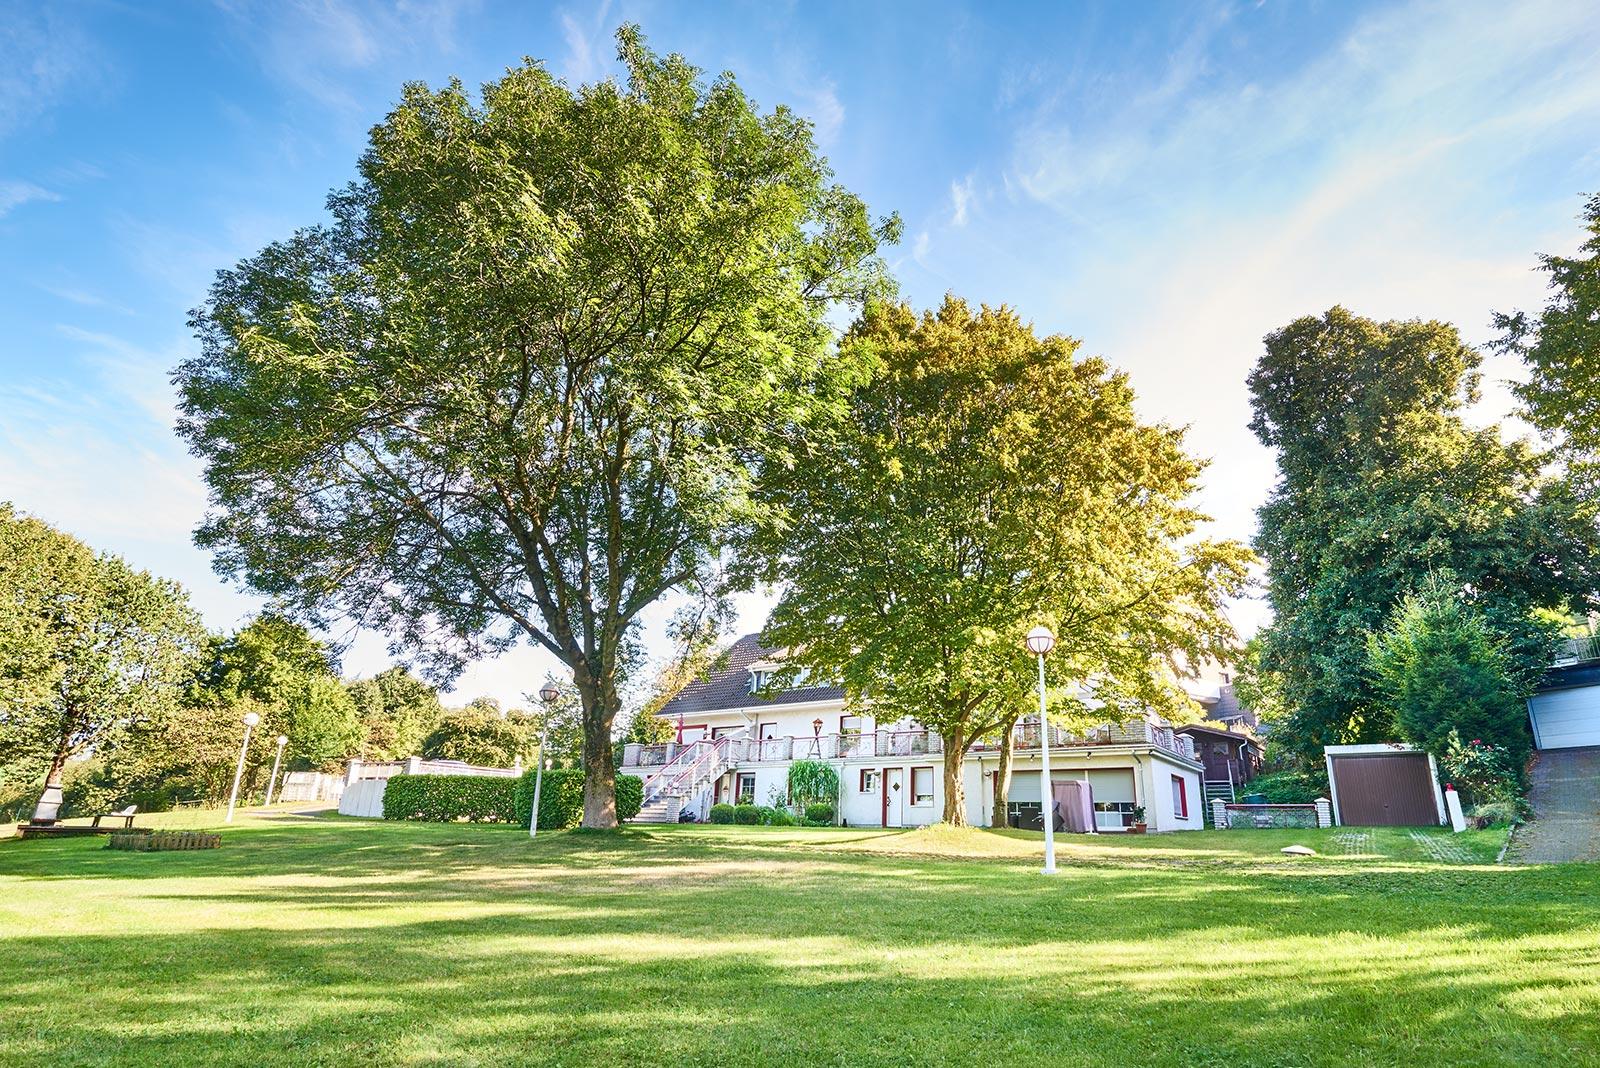 Immobilie in Velbert (Tönisheide / Neviges): Mehrfamilienhaus (7 Wohneinheiten)